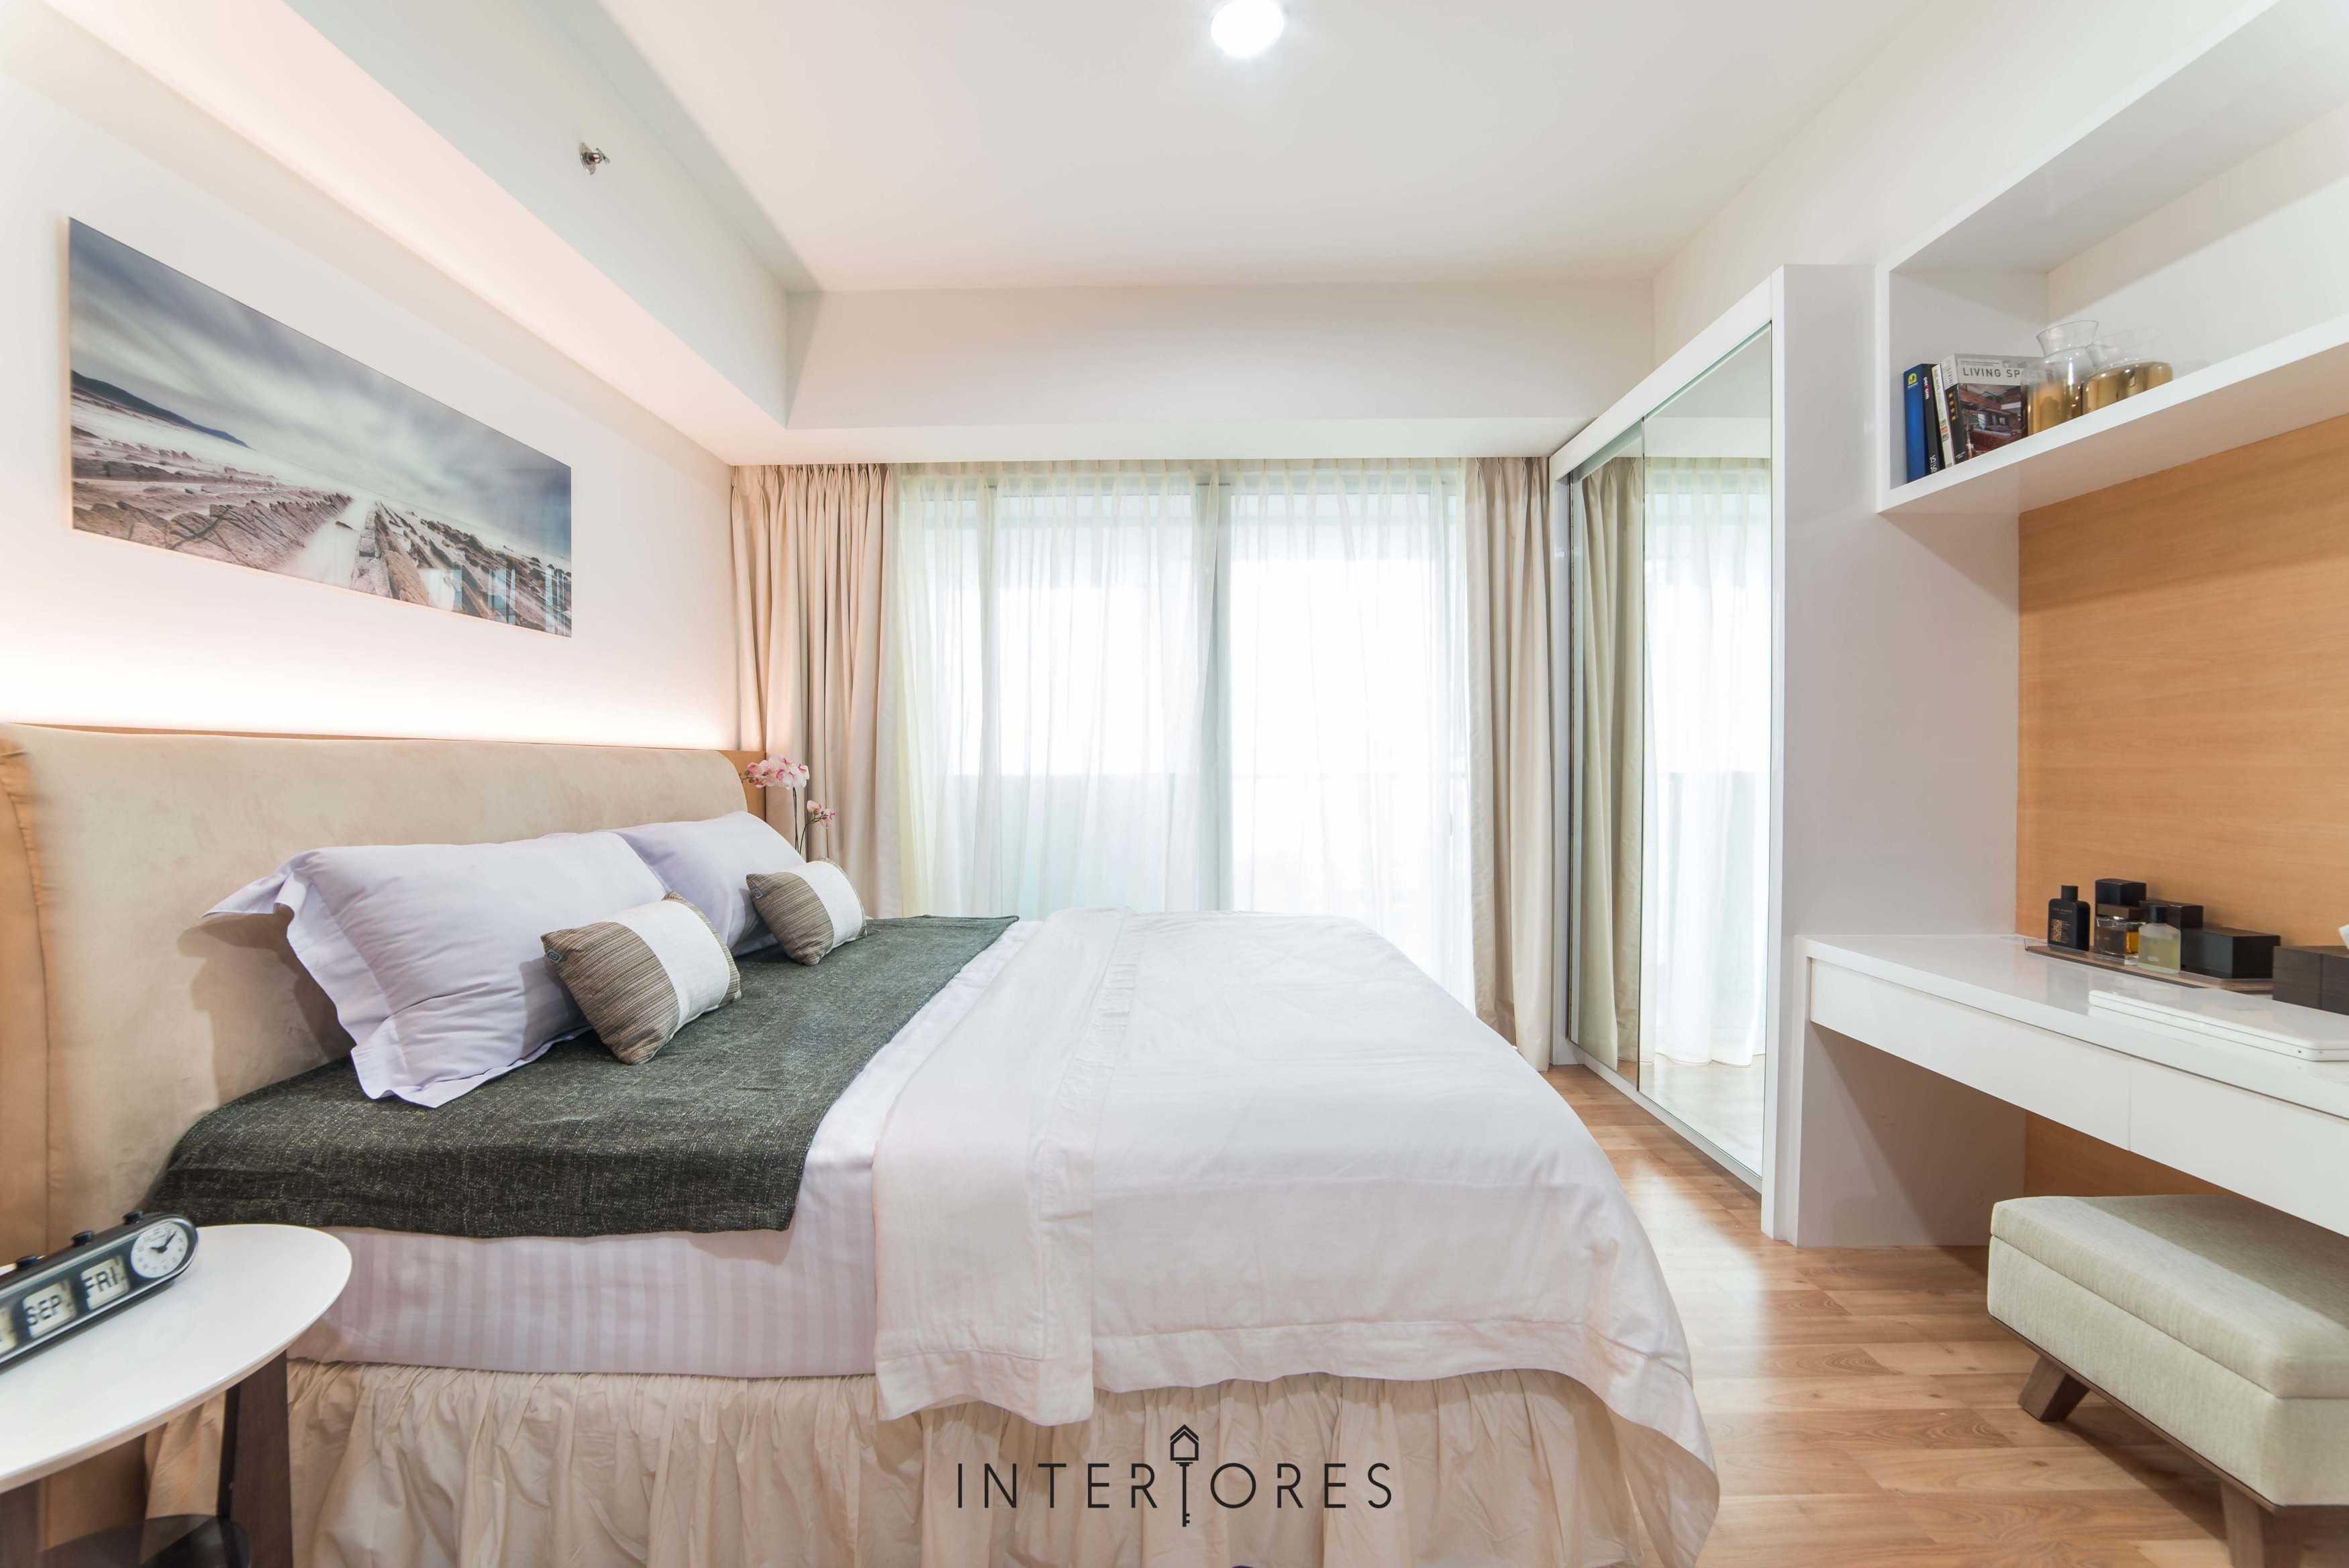 Interiores Interior Consultant & Build Studio 06C3 Kemang Village, Jakarta Selatan Kemang Village, Jakarta Selatan Bedroom Modern  17695